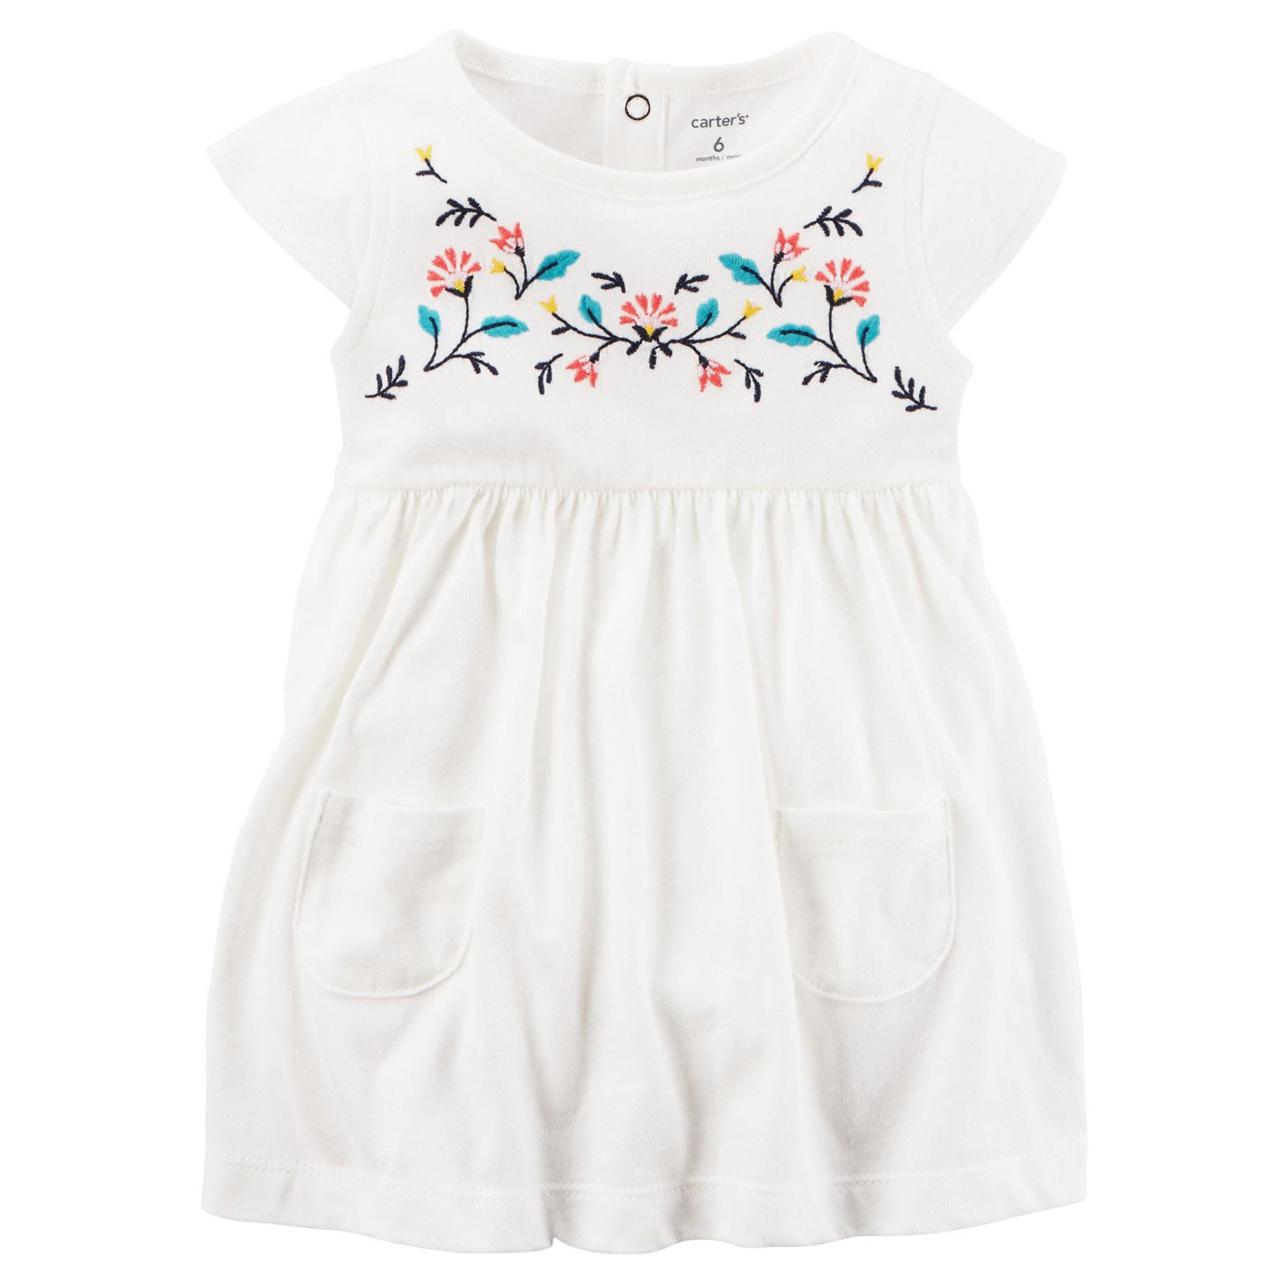 پیراهن نوزادی دخترانه کارترز مدل 838